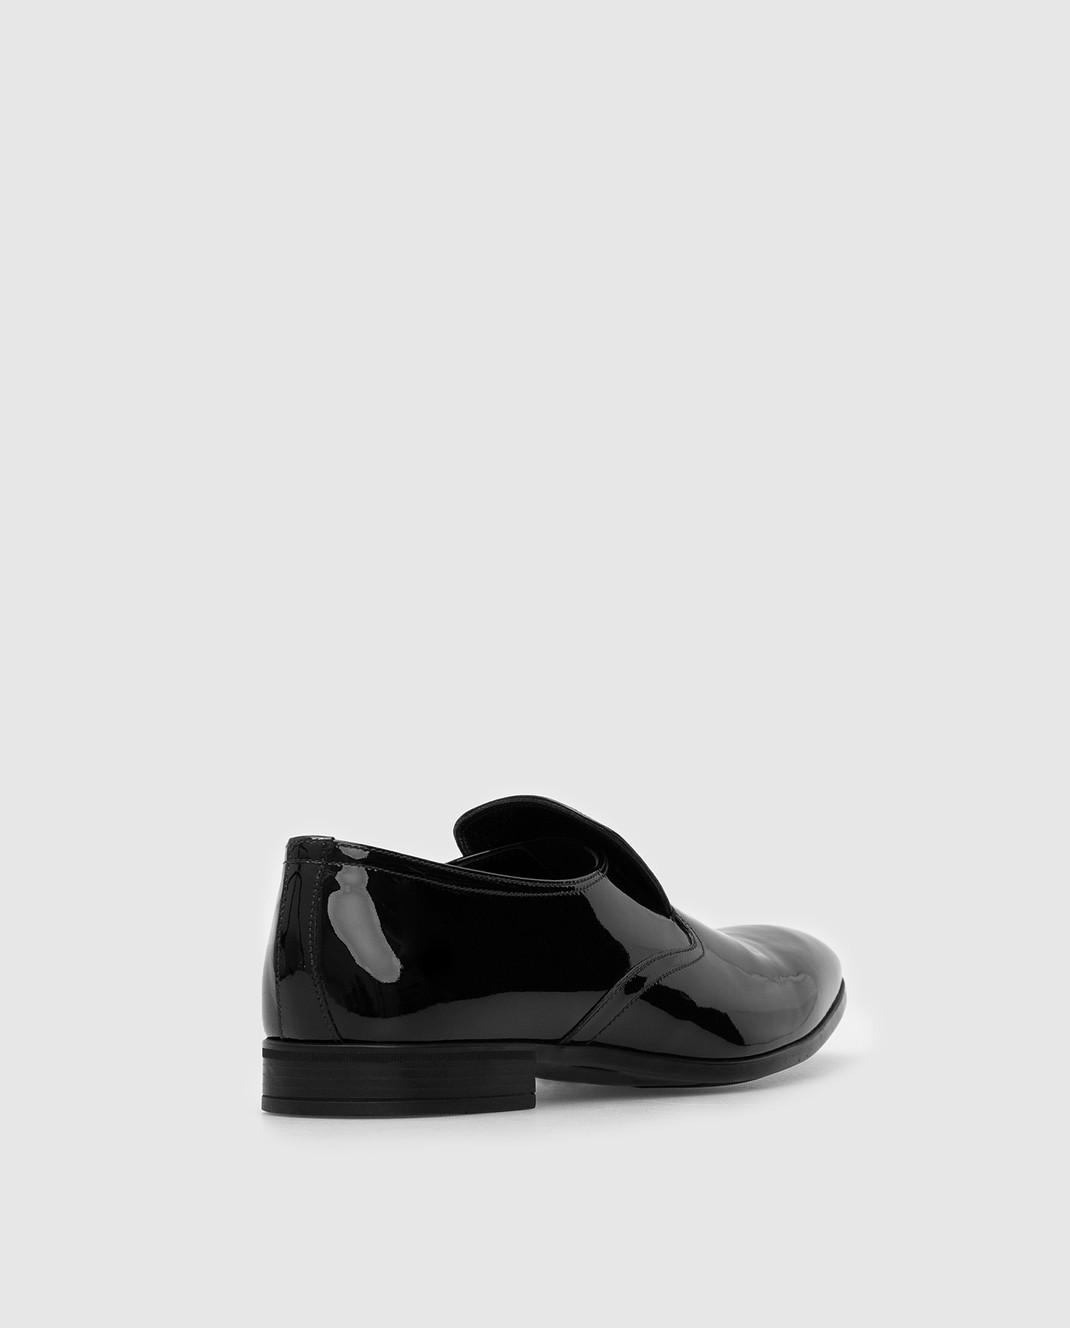 Prada Черные кожаные лоферы 2DC129 изображение 4